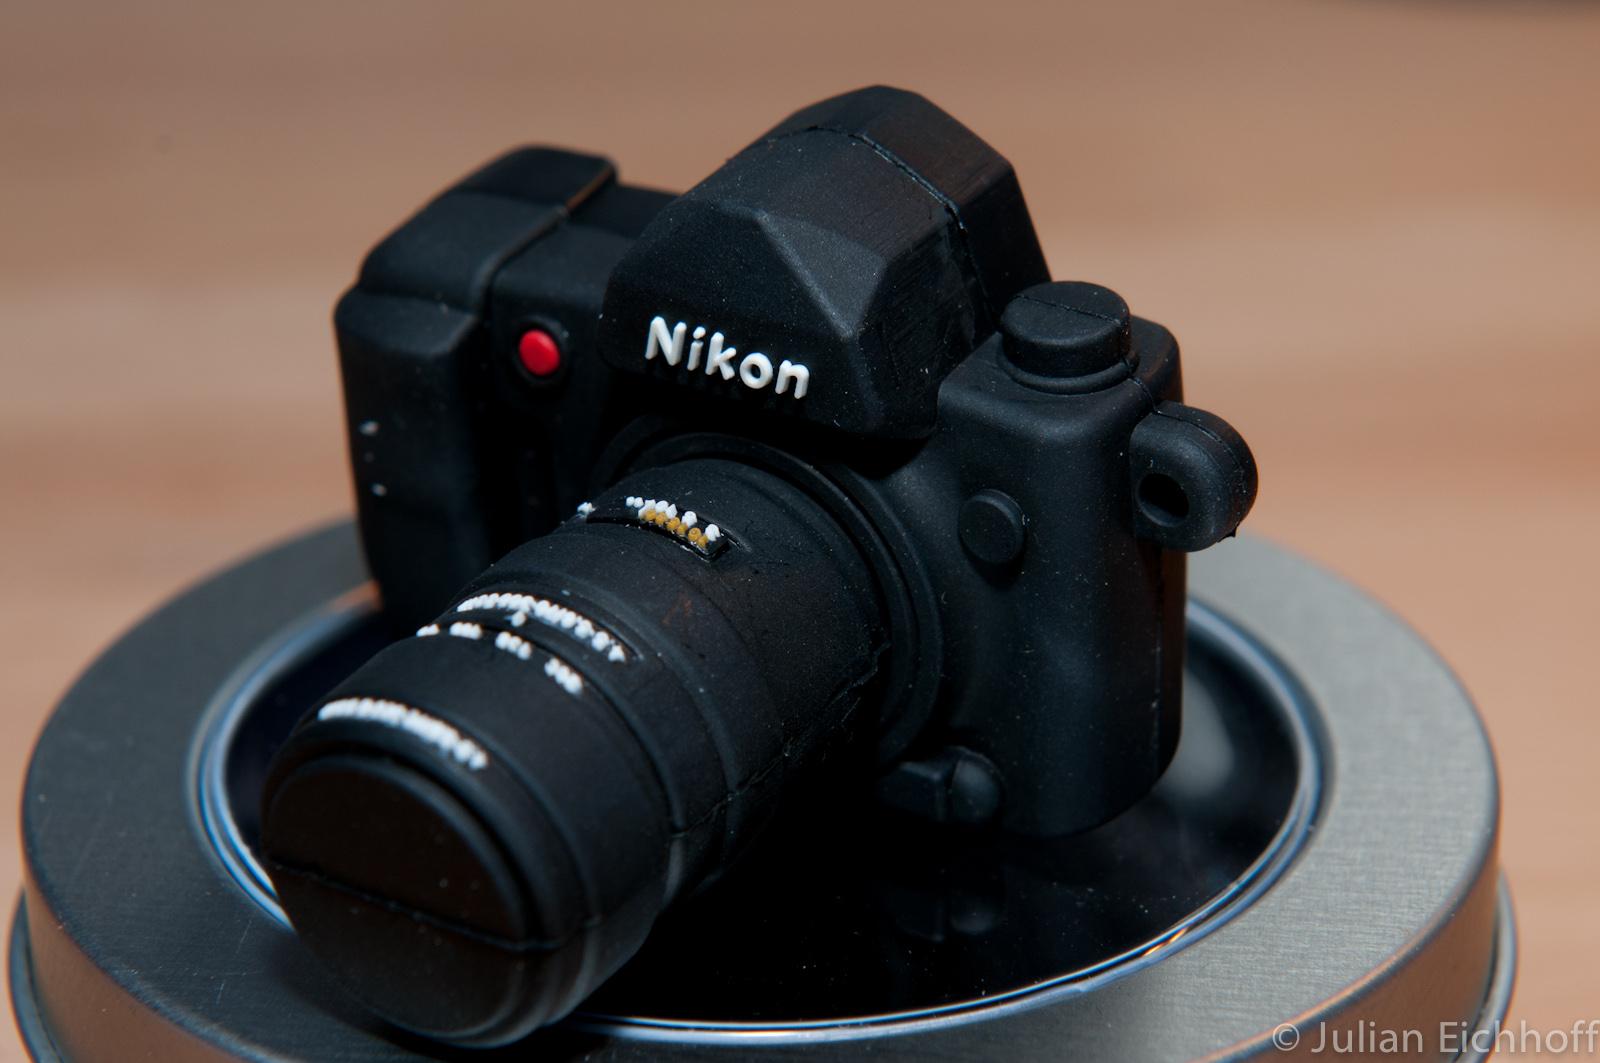 Nikkor 24-70mm f2.8 update – Resolved !